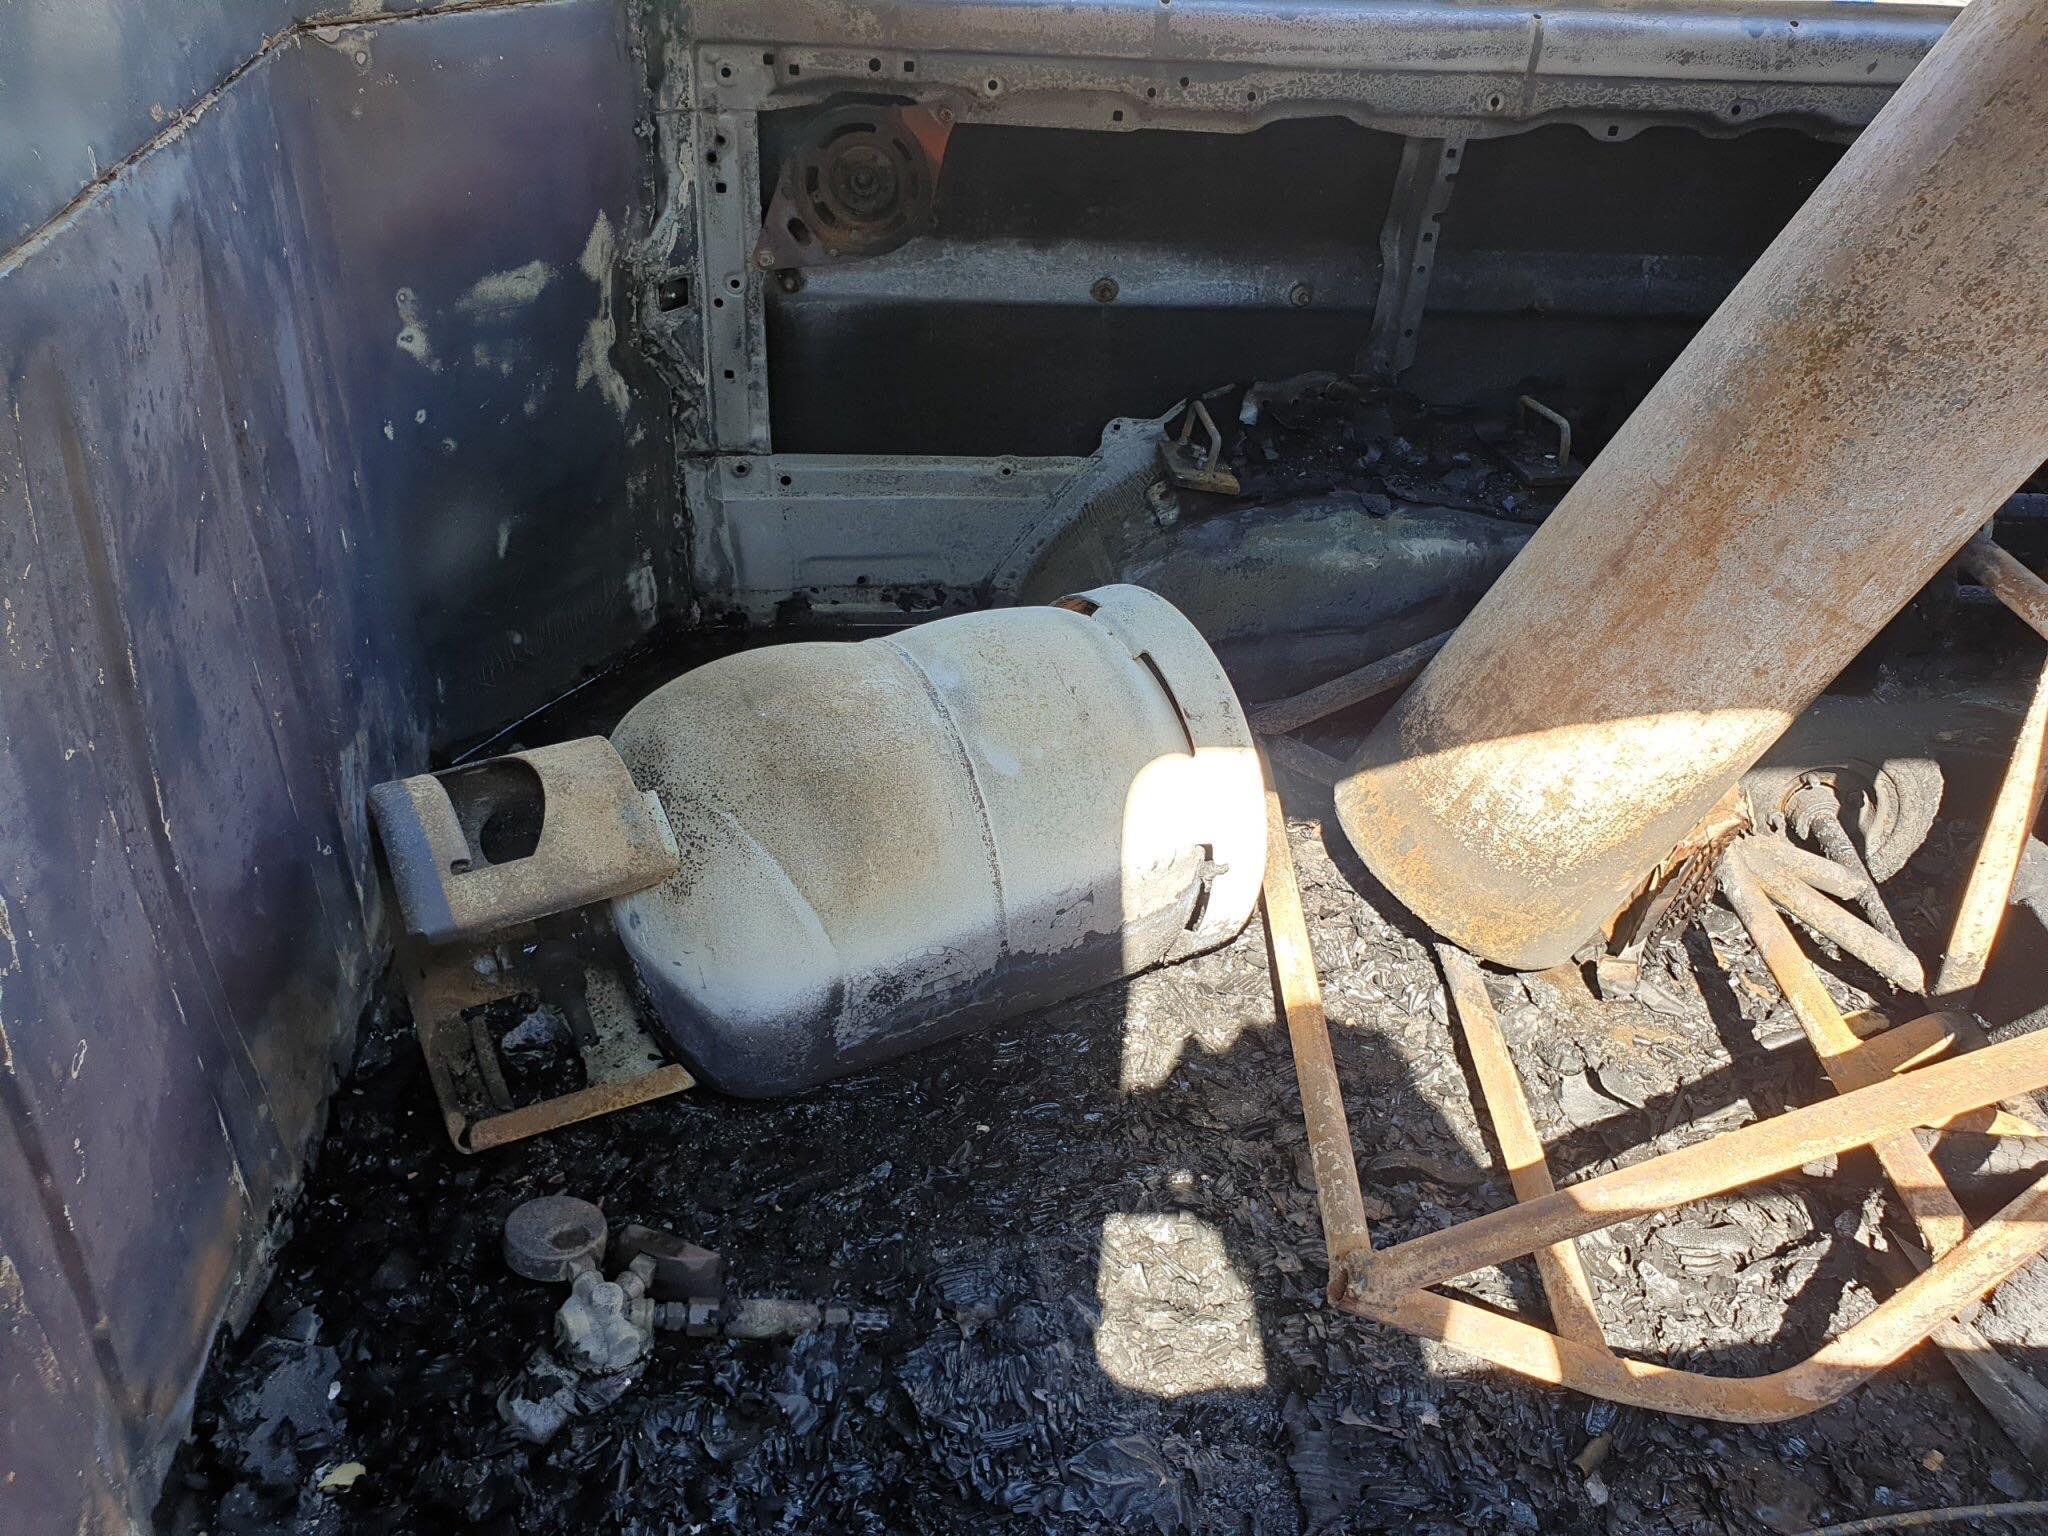 Trên xe có bình ga và bình khí nhưng chưa phát nổ